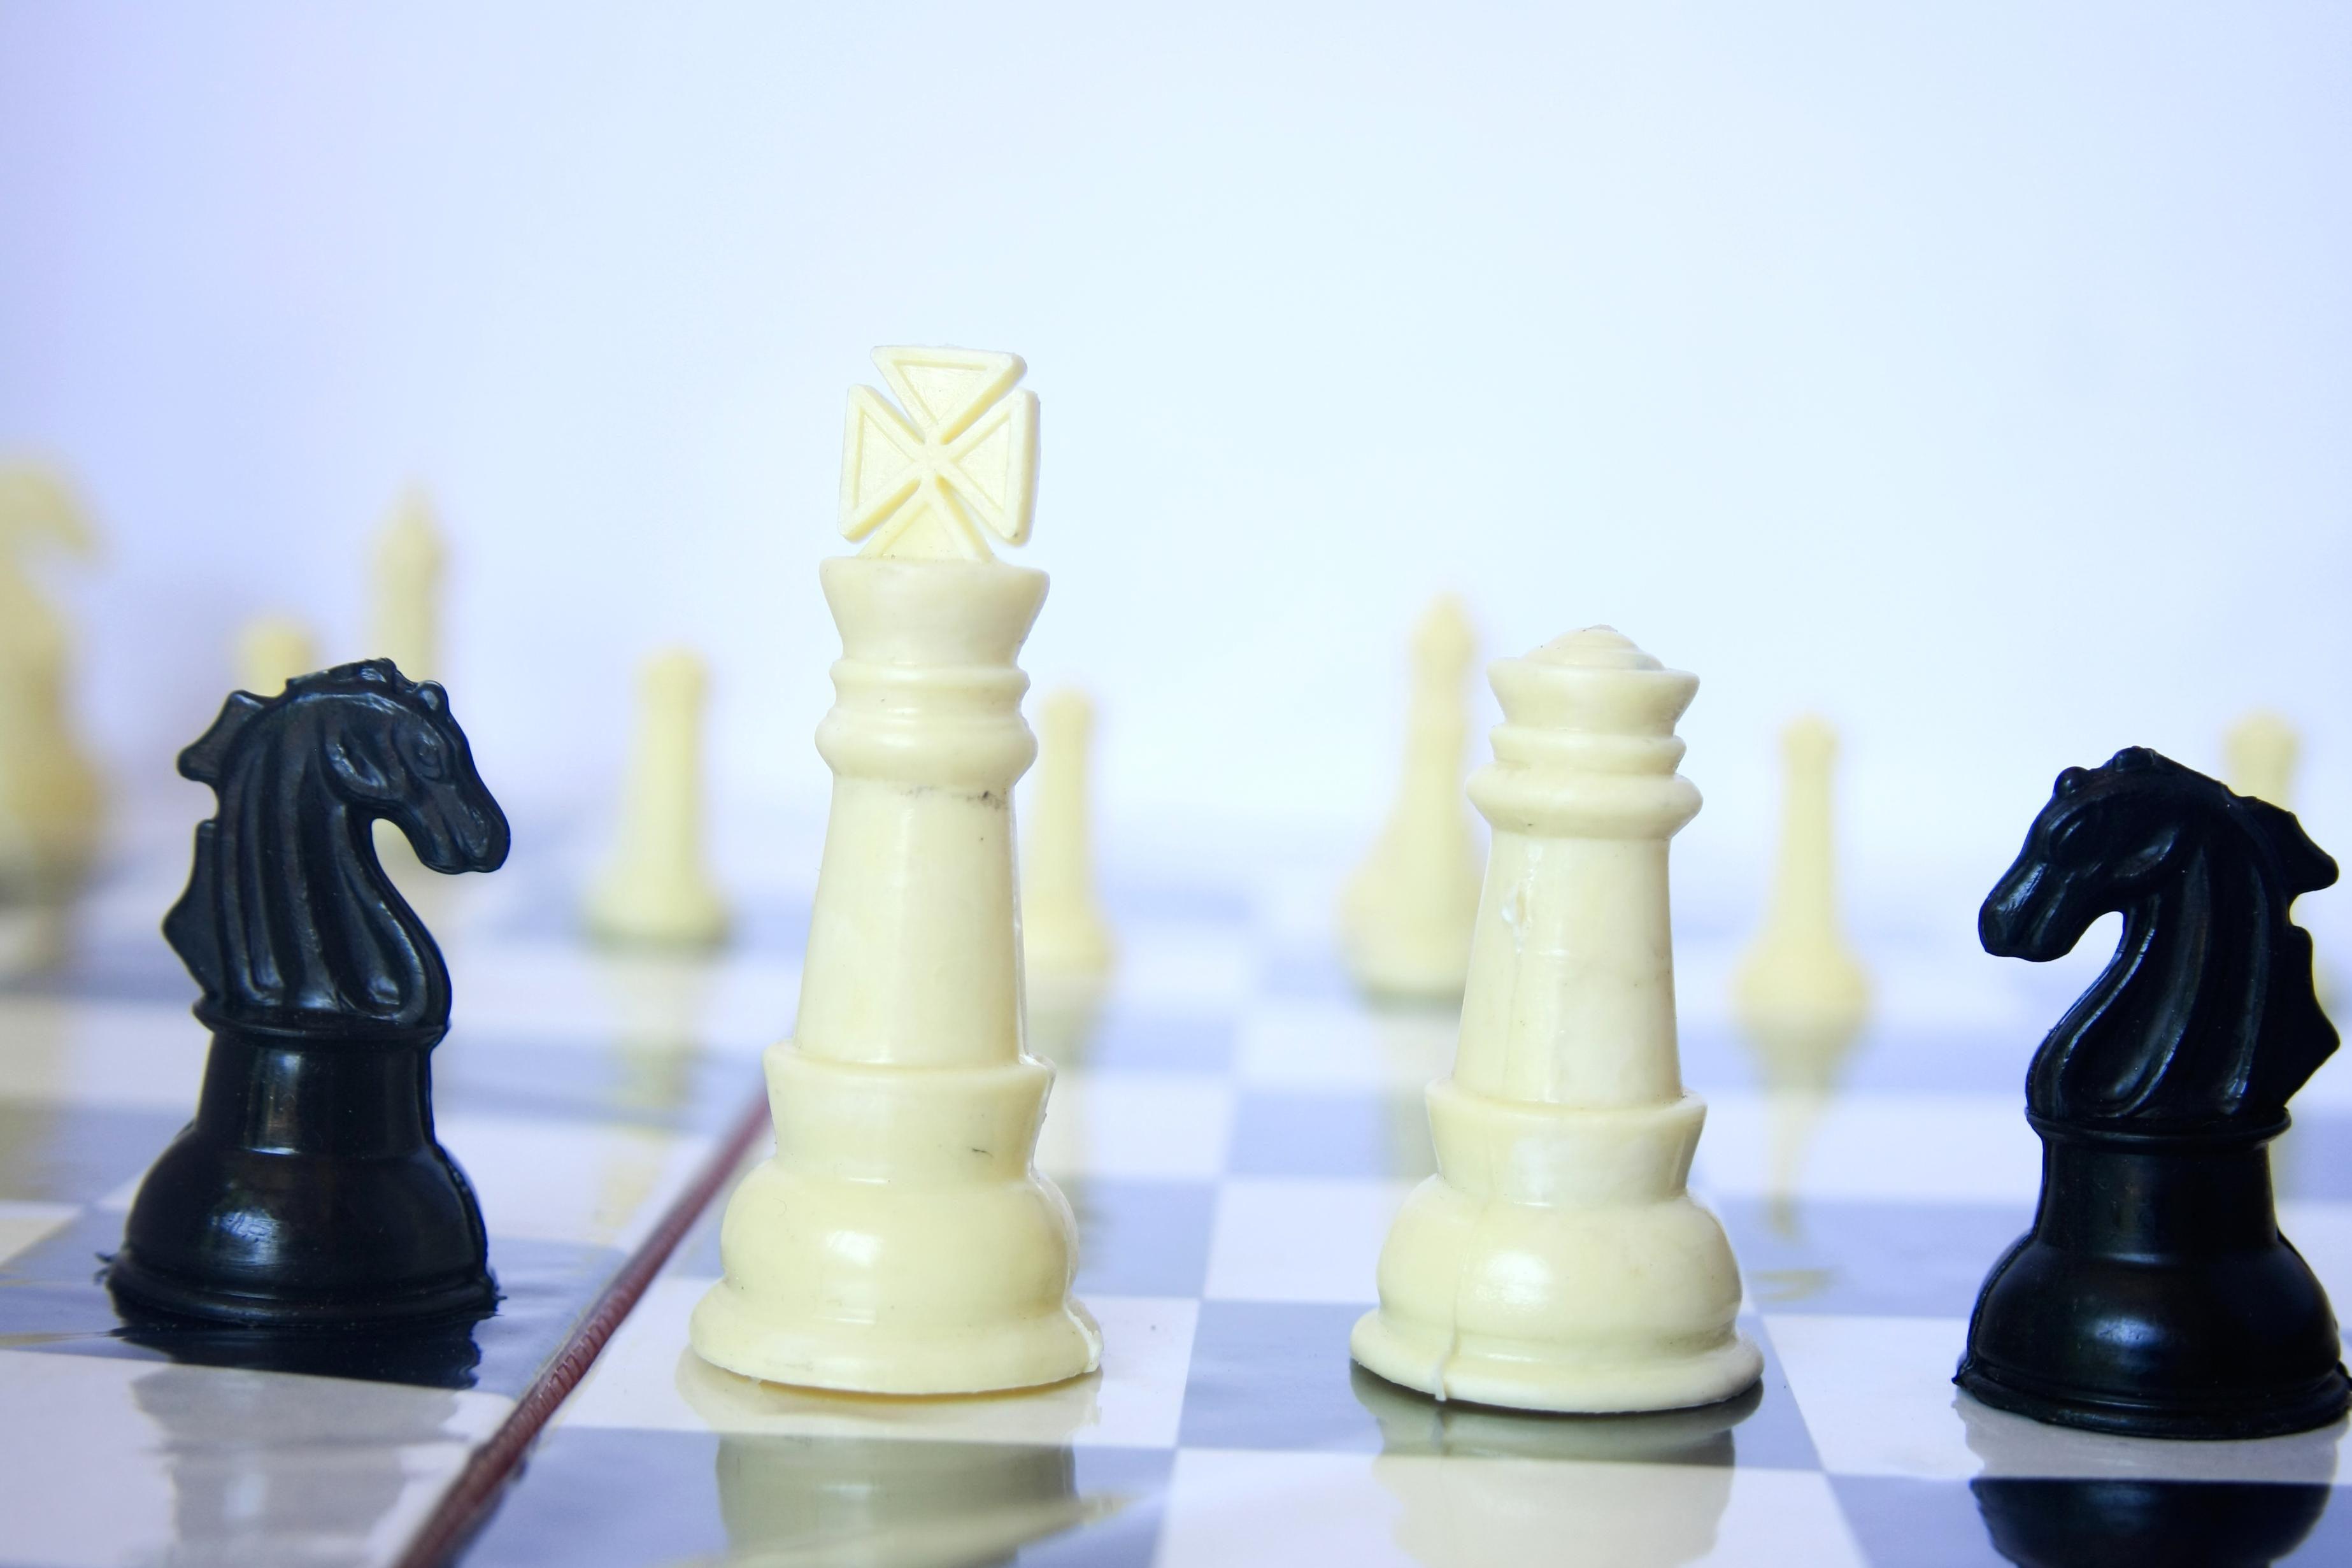 Fabriksnye Gratis billede: skak, spil, skakbræt, sport, succes, strategi IV-35